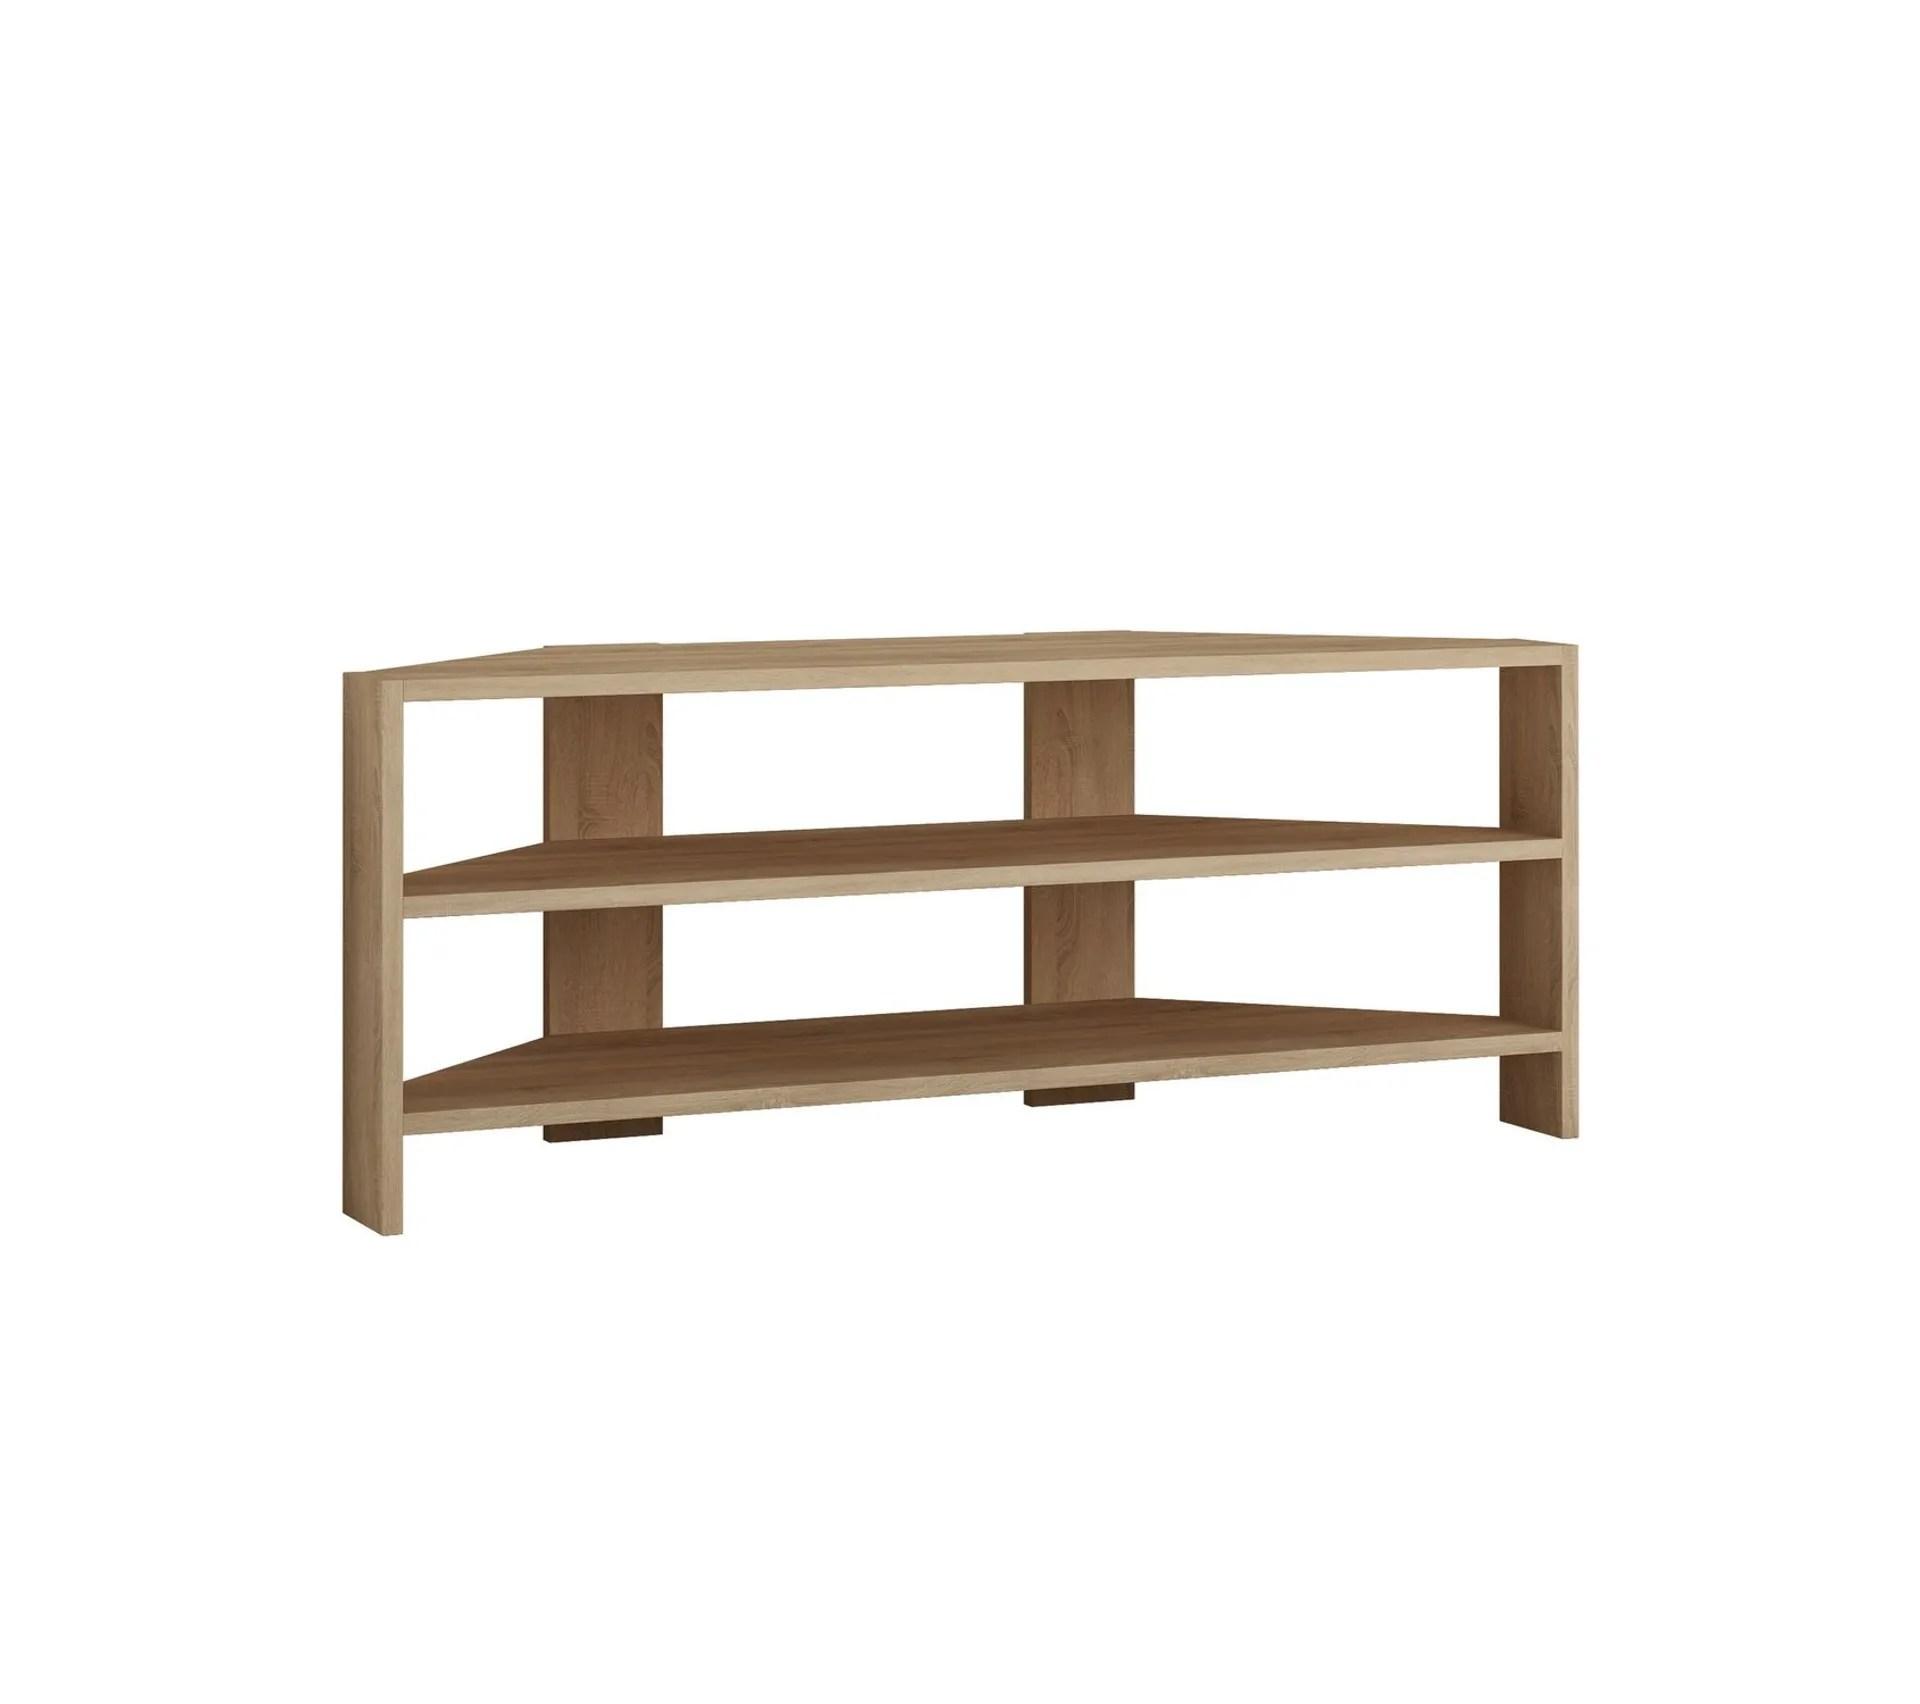 meuble tv dangle design scandinave thales l 114 x h 45 cm marron